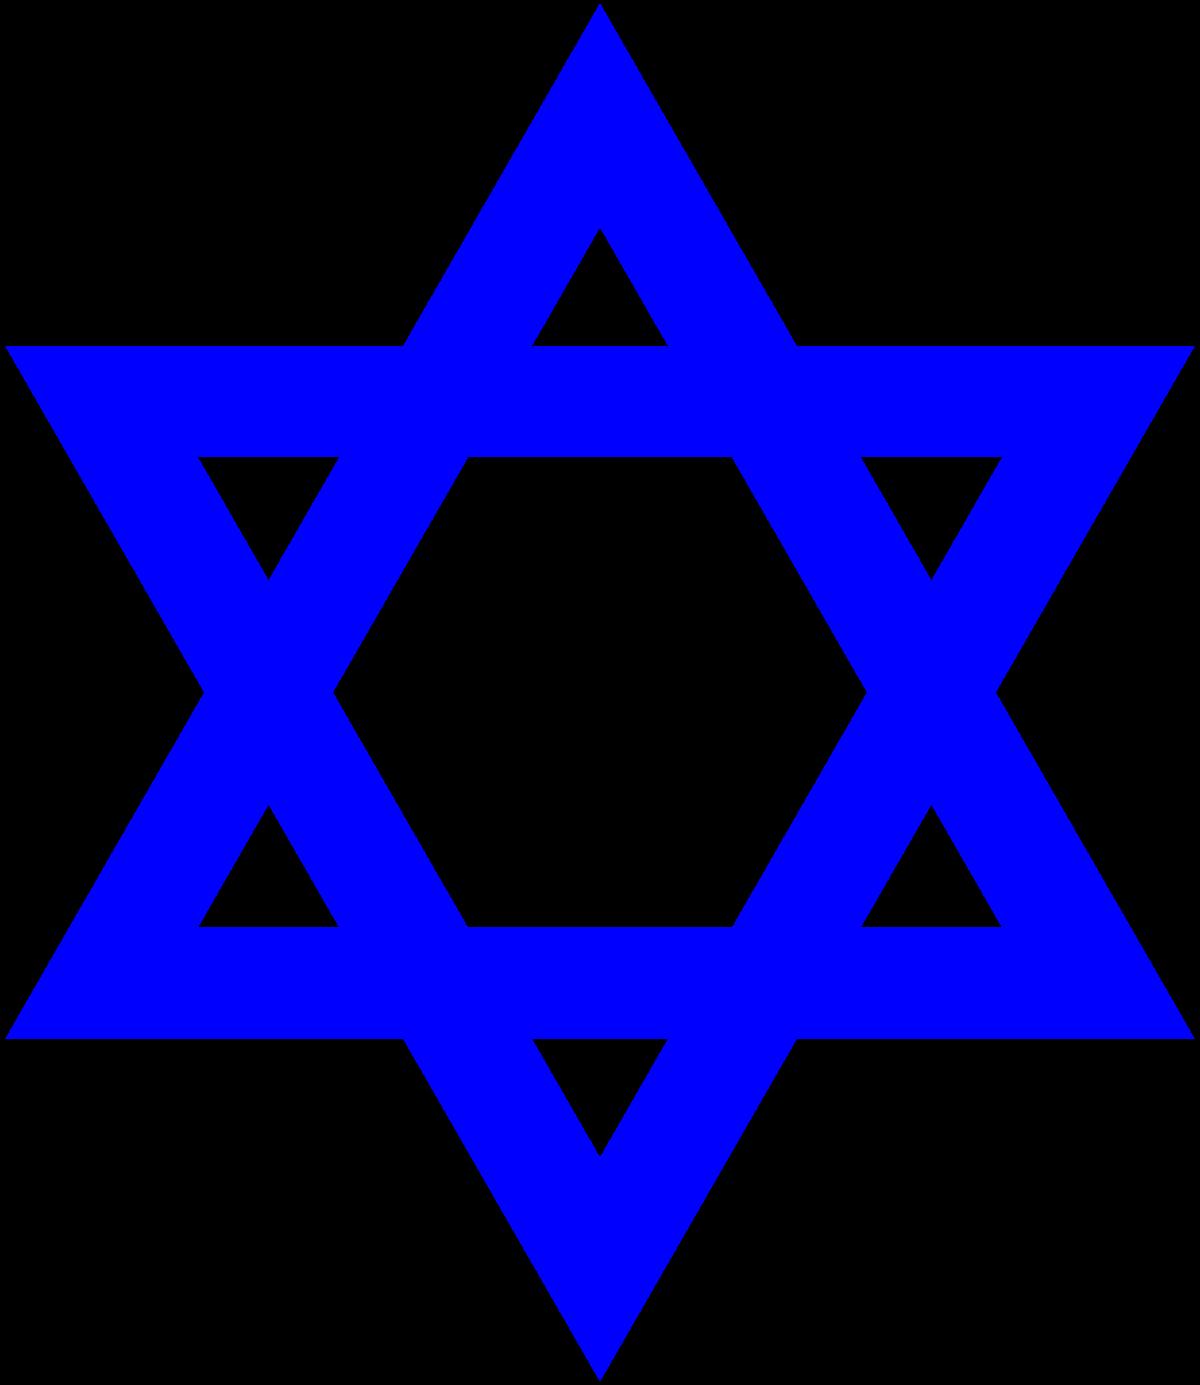 Star of david wikipedia. Rabbi clipart judaism symbol